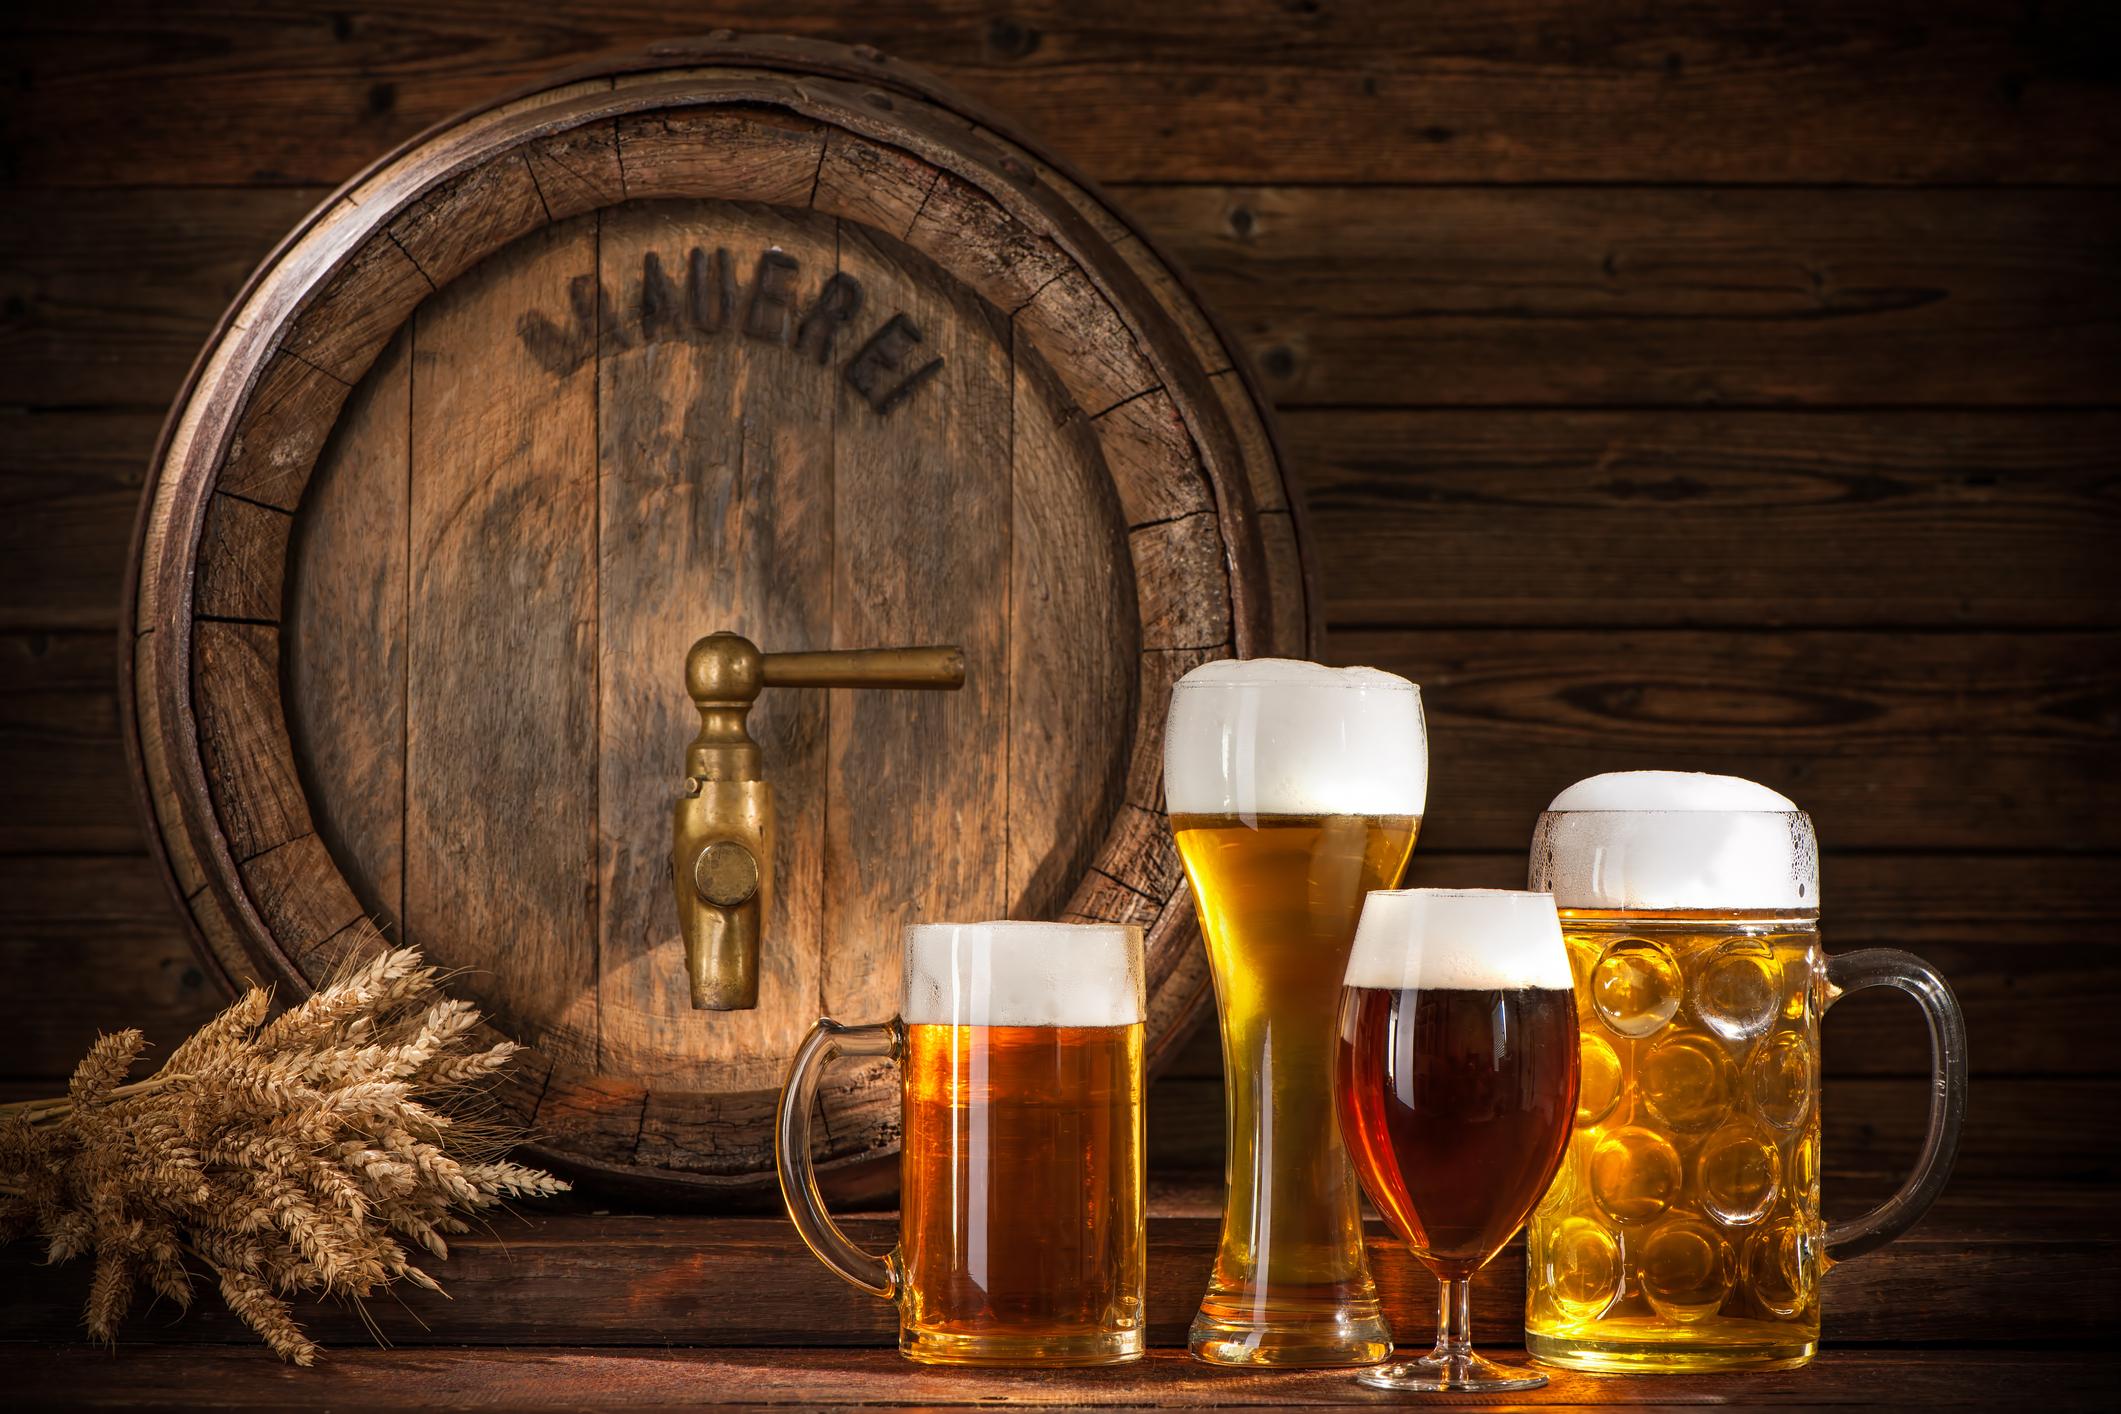 Brauereien rufen um Hilfe – Staatliche Unterstützung erreicht Betriebe nicht